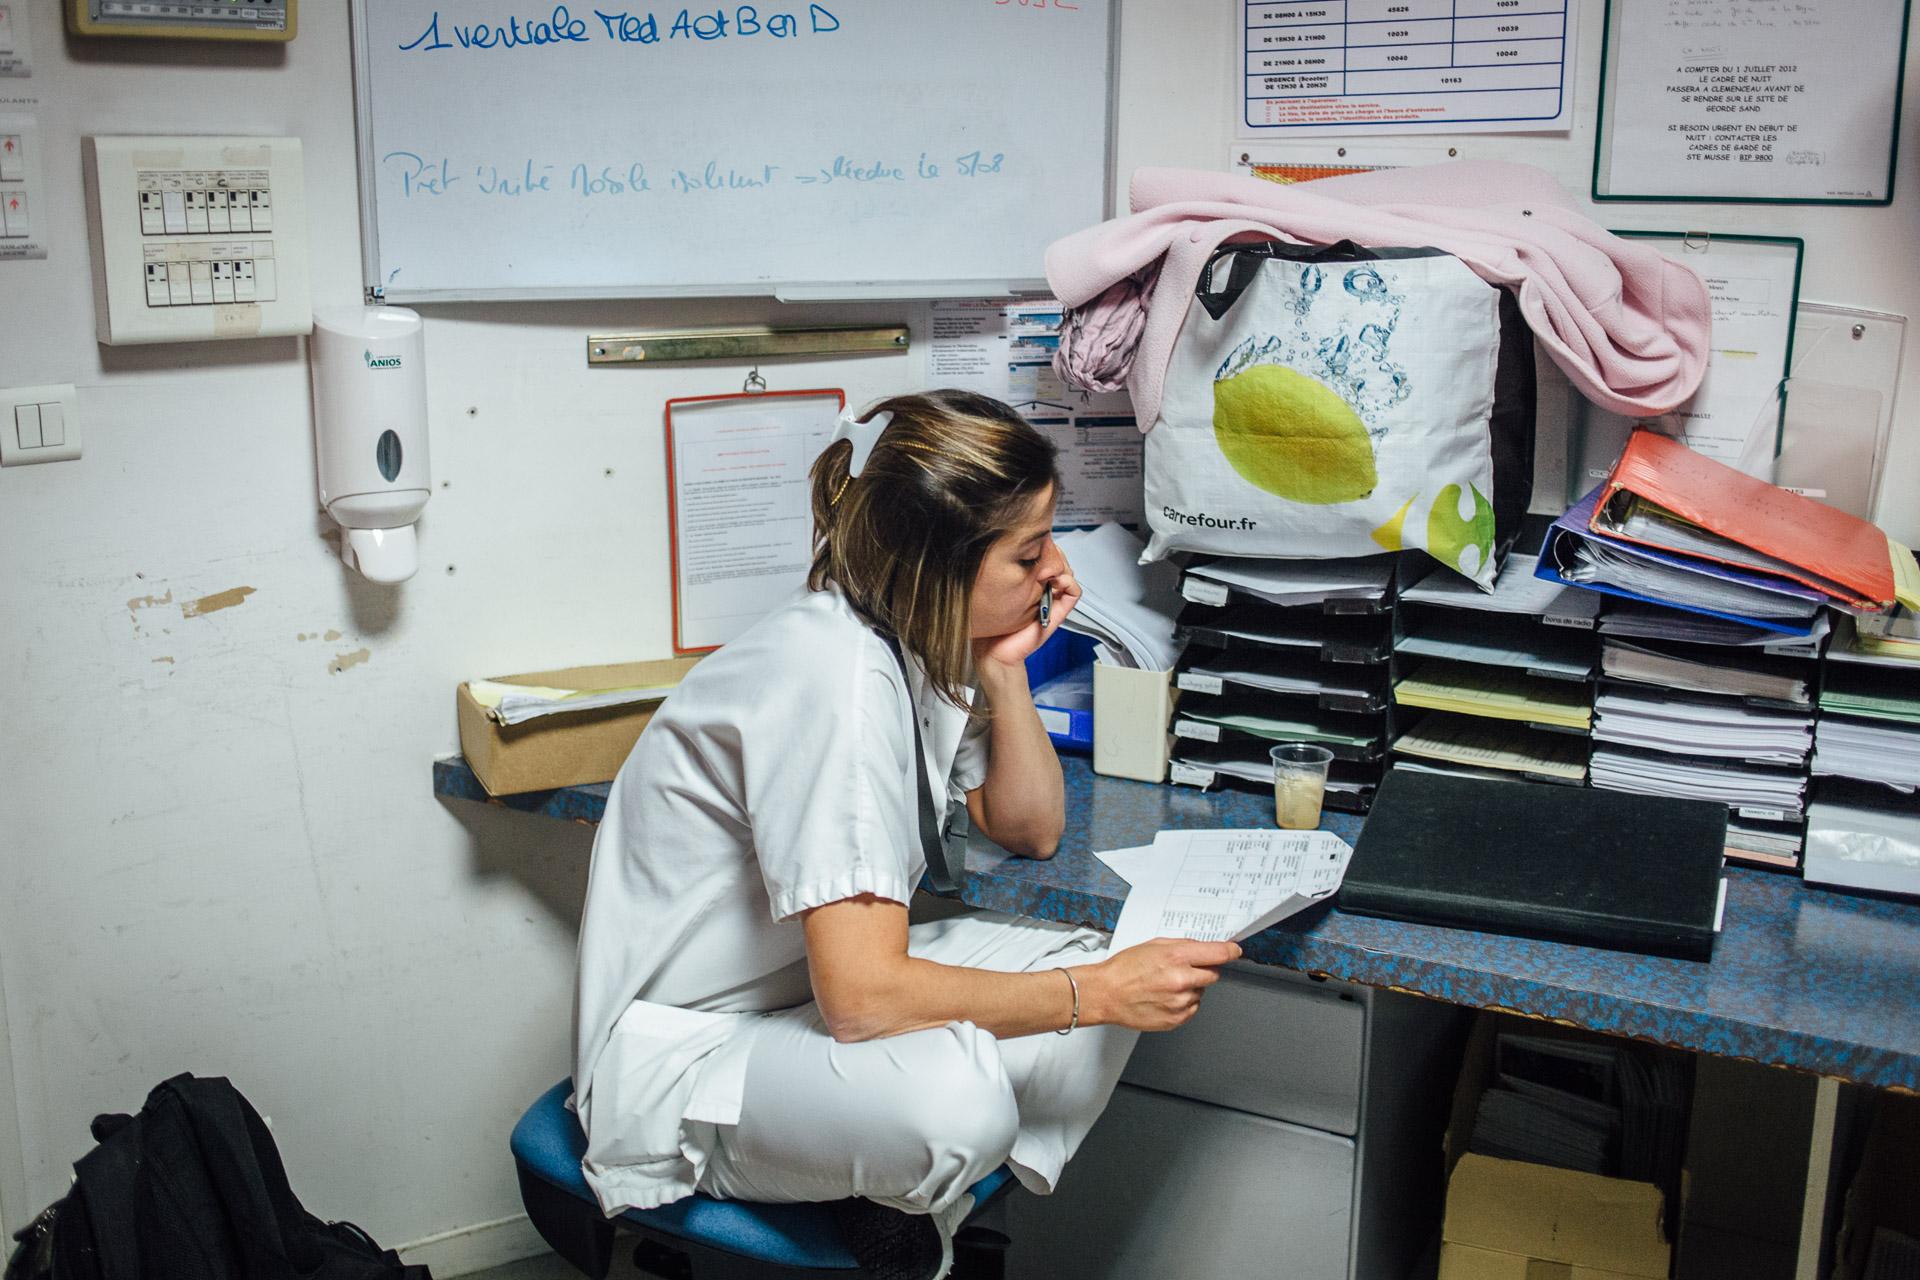 La Seyne sur mer, le 11 Octobre 2016. Une infirmière pendant la transmission avant la garde de nuit.